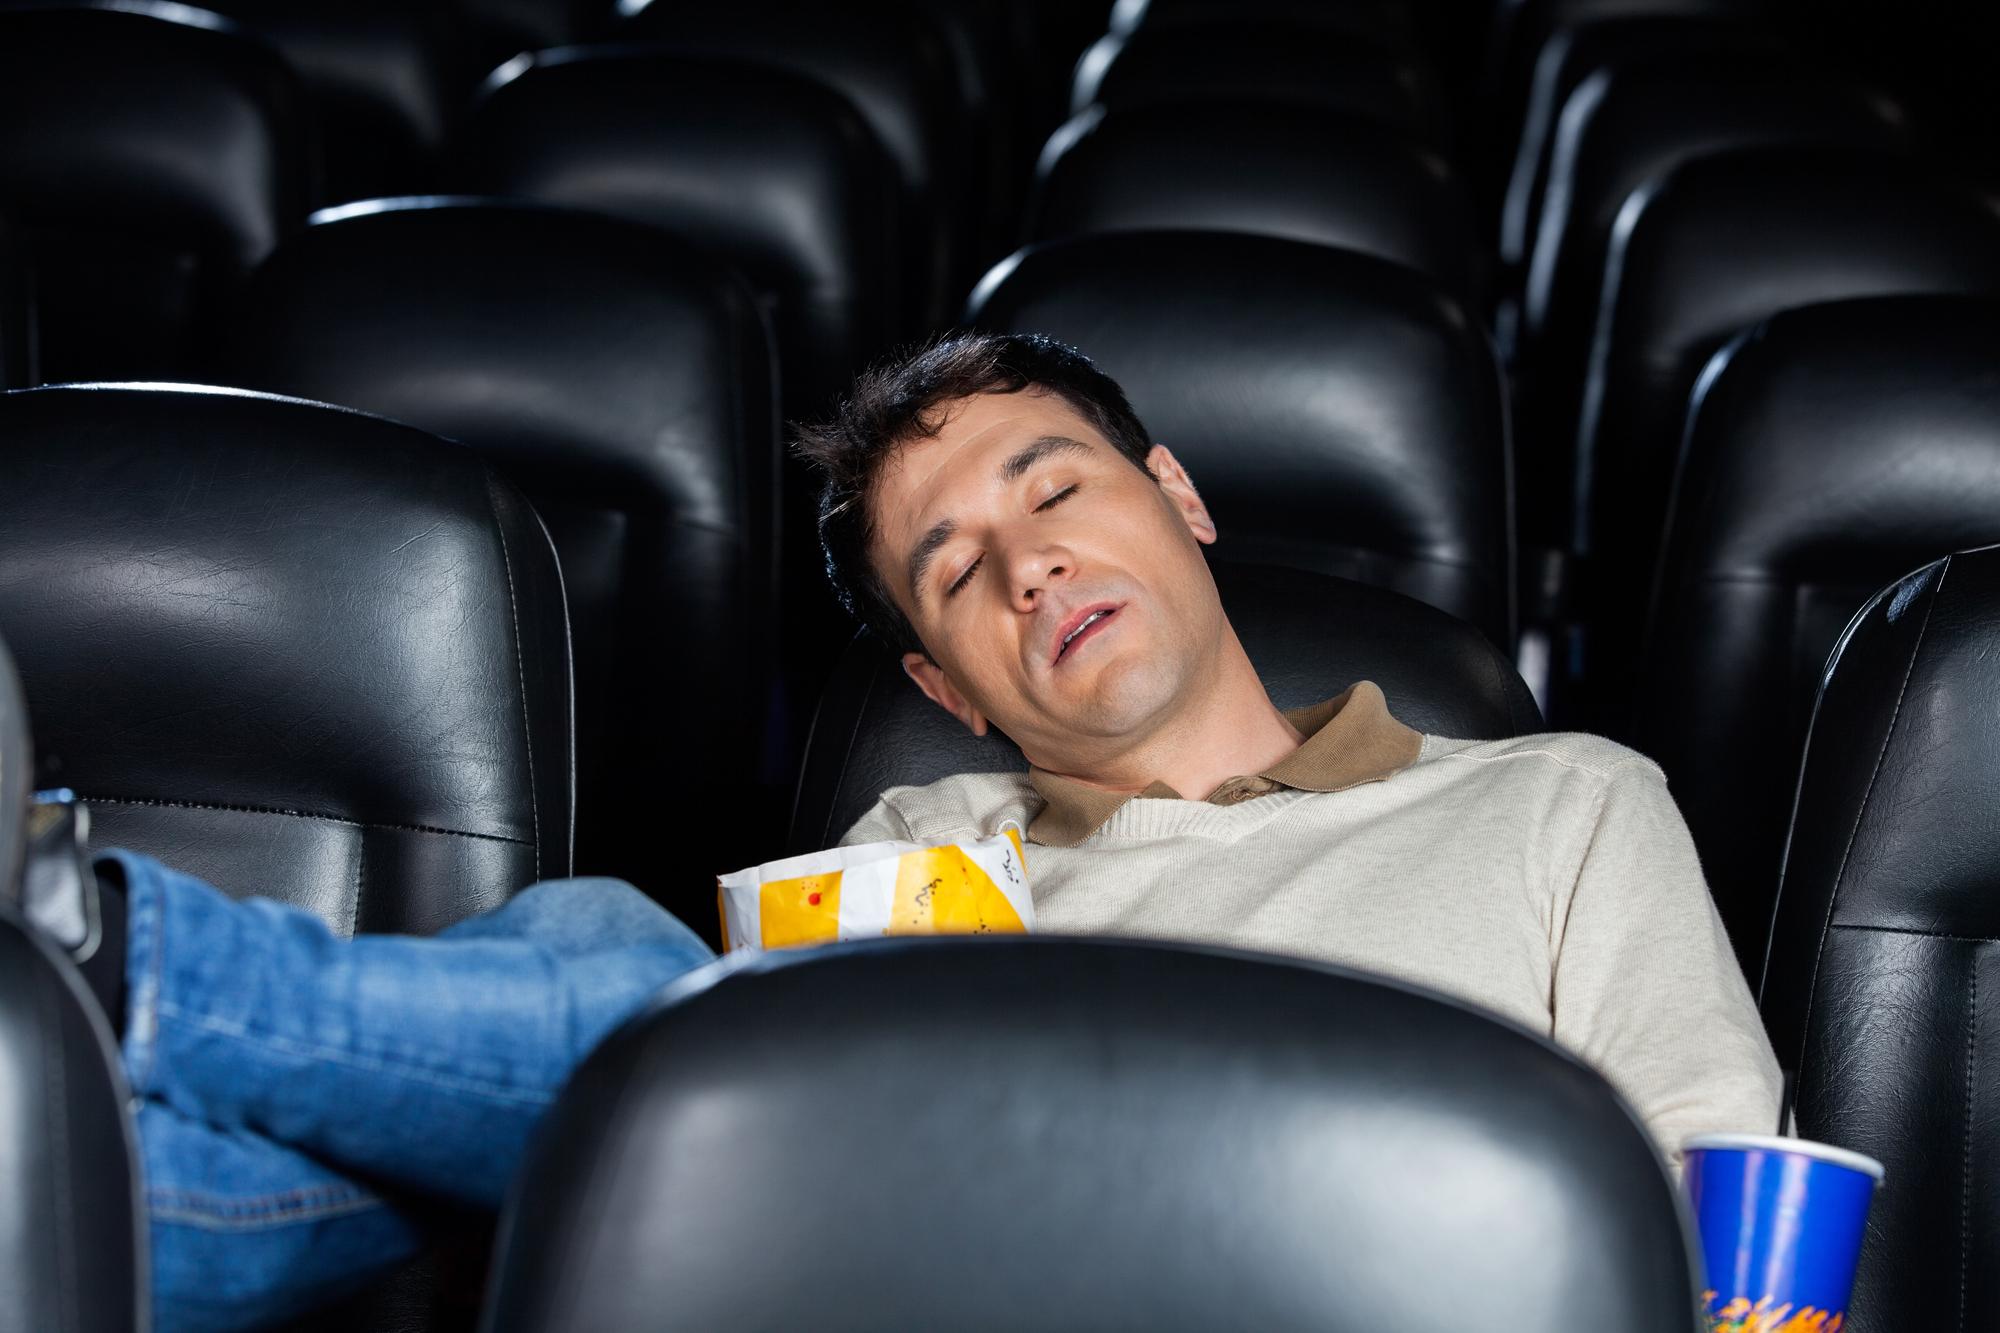 хохлатая спящие в кино фото бывают разные размеру